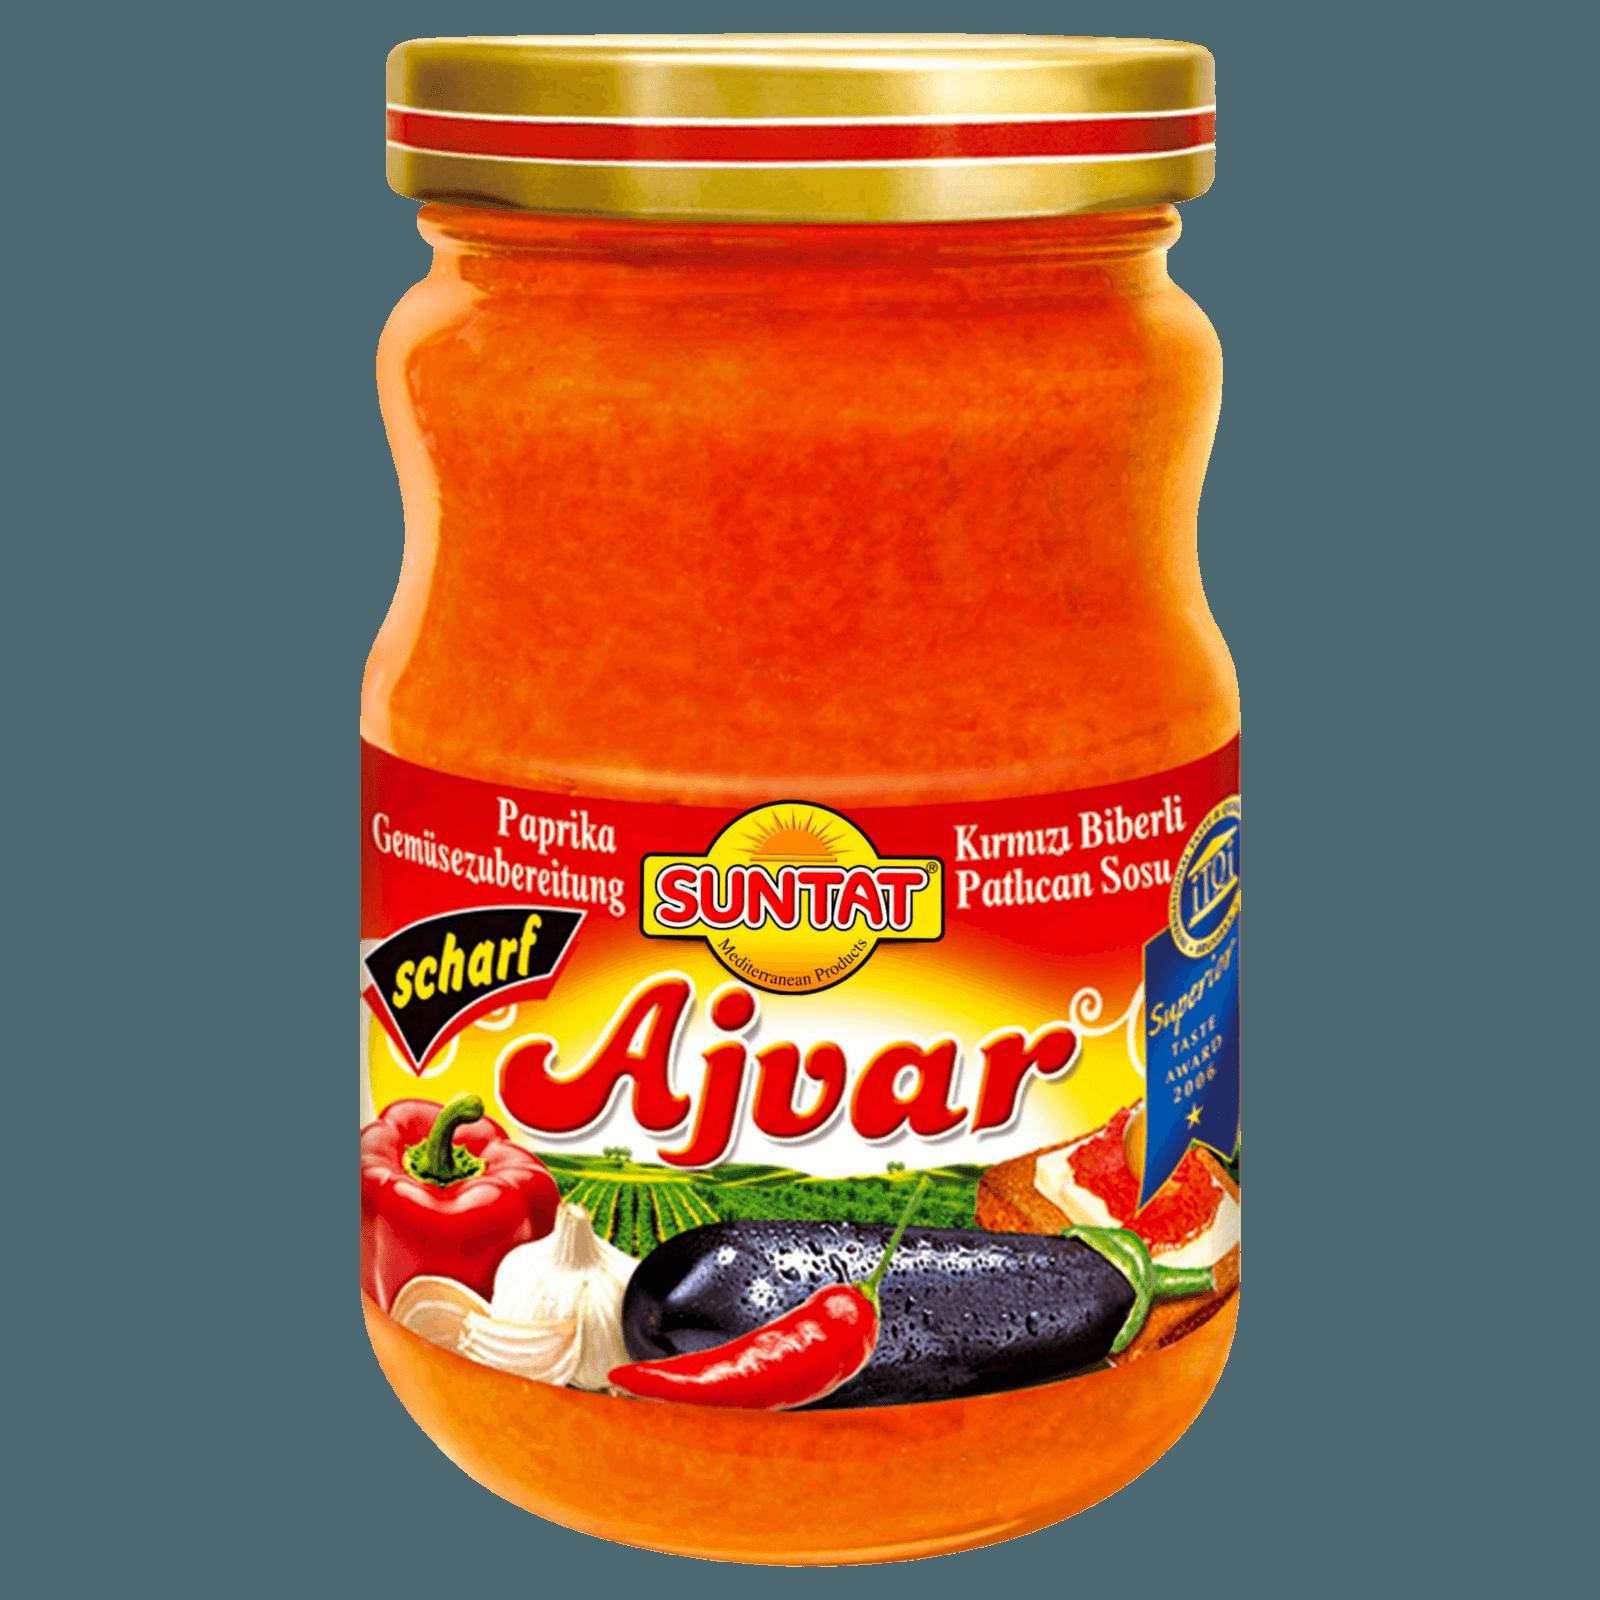 Suntat Ajvar scharf 190g